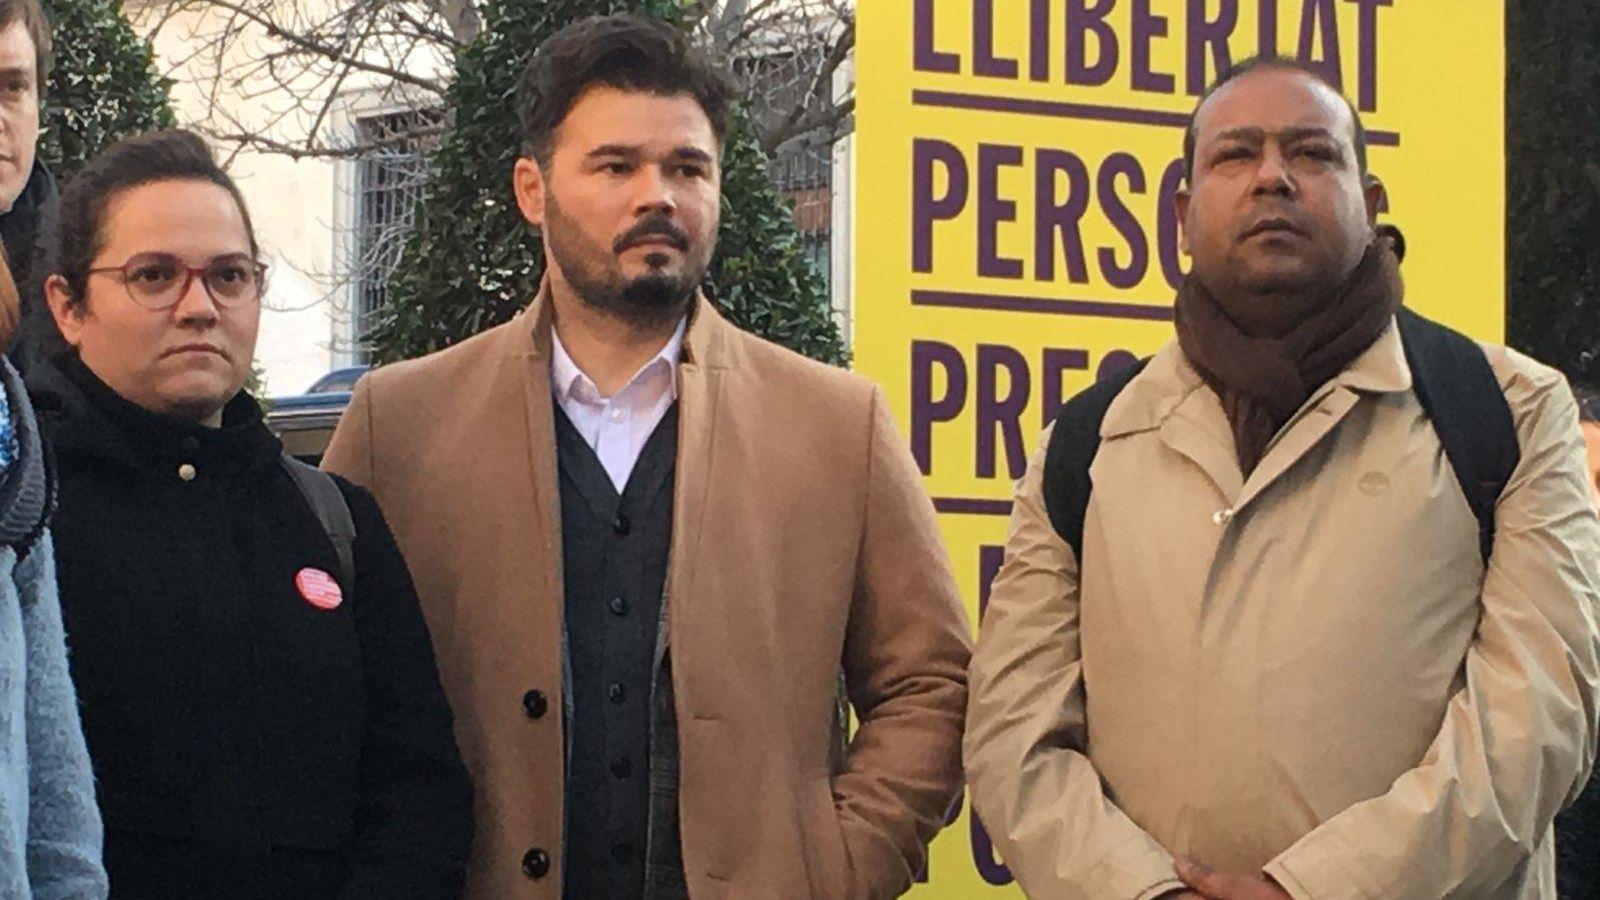 Foto: El senador de ERC Robert Masih Nahar, junto al diputado Gabriel Rufián, en la concentración frente al Supremo de este martes. (EC)